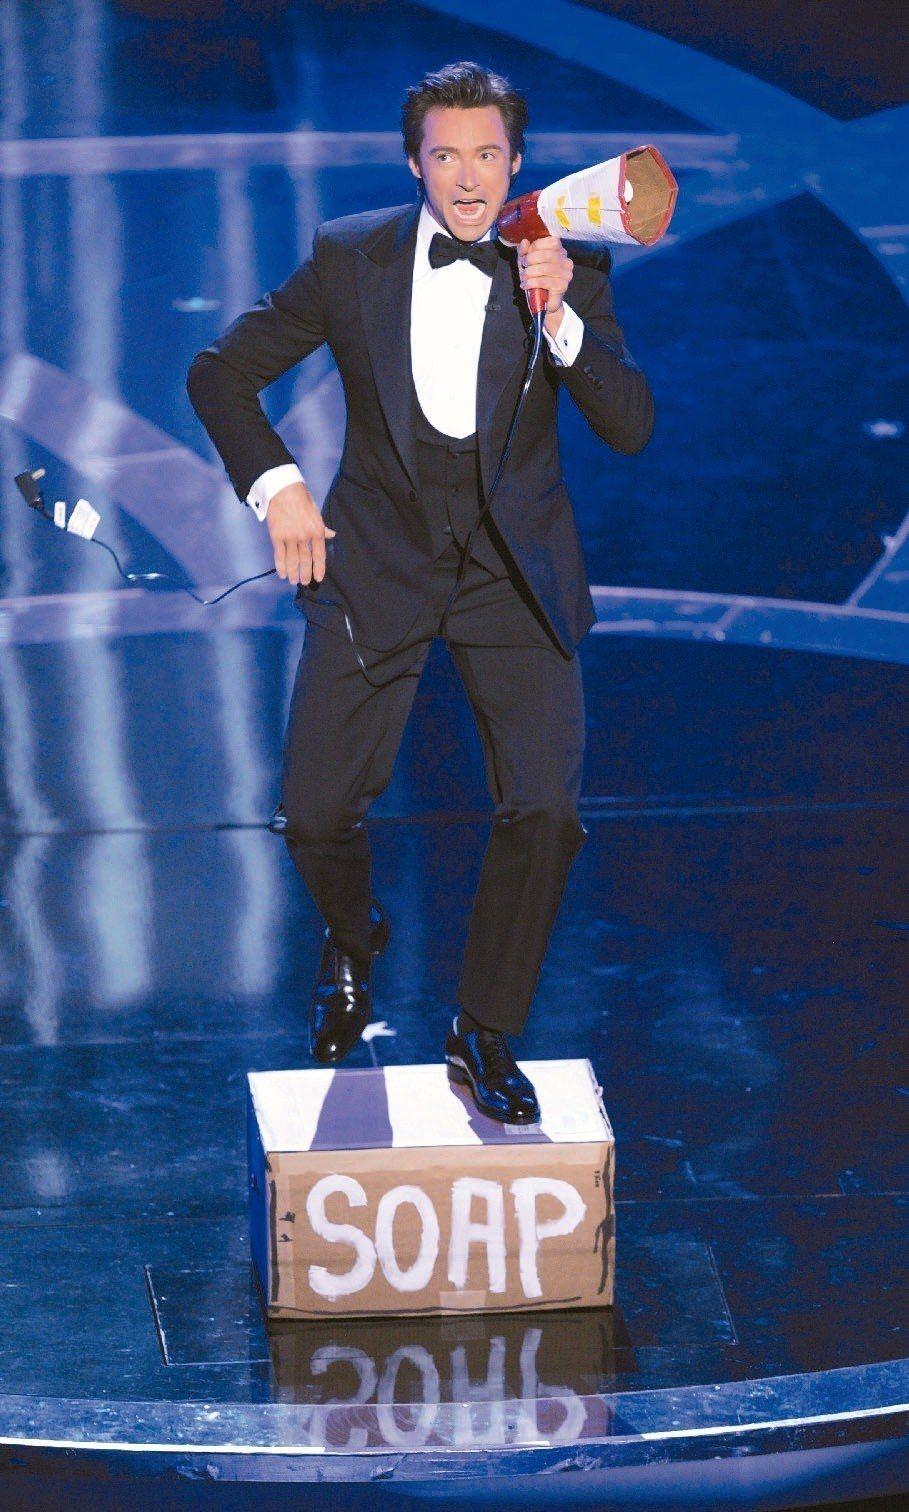 休傑克曼載歌載舞主持奧斯卡頒獎典禮,收視人數雖成長,卻沒有特別驚人。圖/美聯社